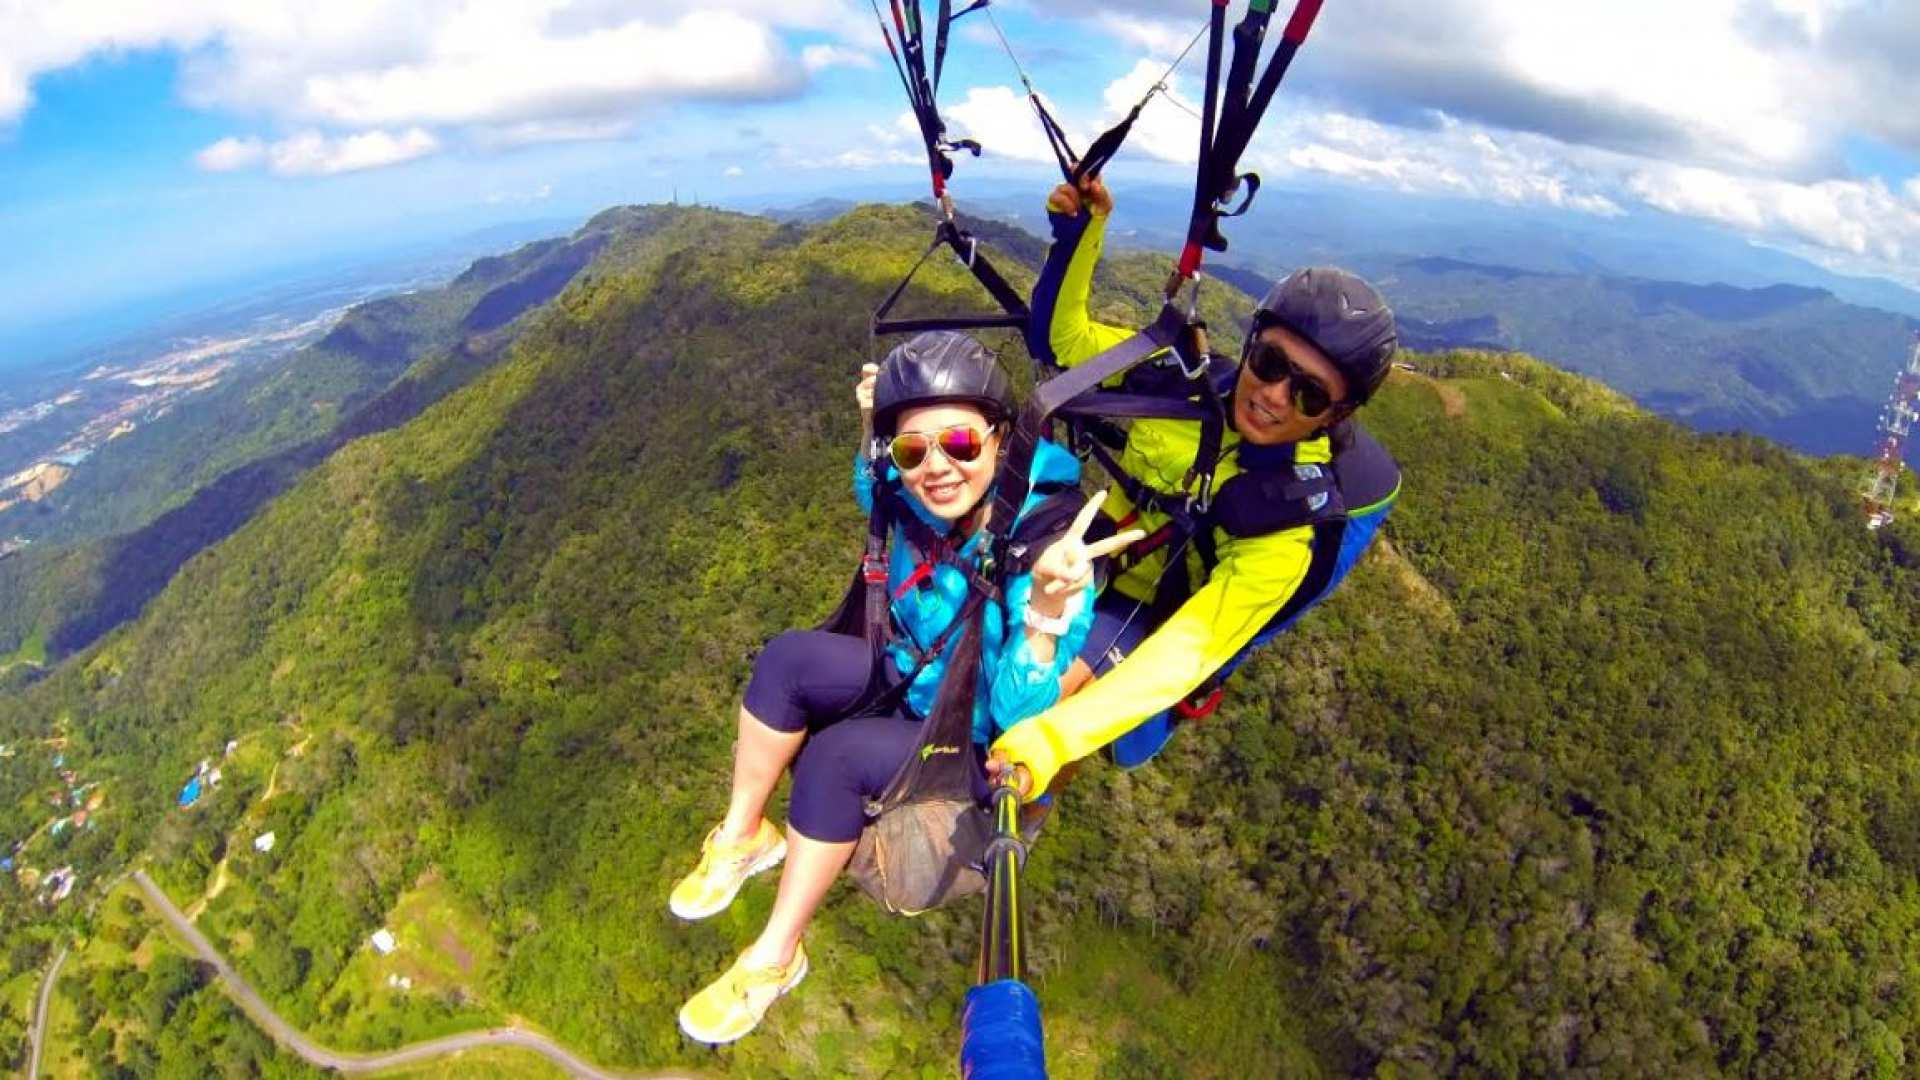 【翱翔沙巴藍天】蘭瑙鎮滑翔傘與神山體驗一日遊